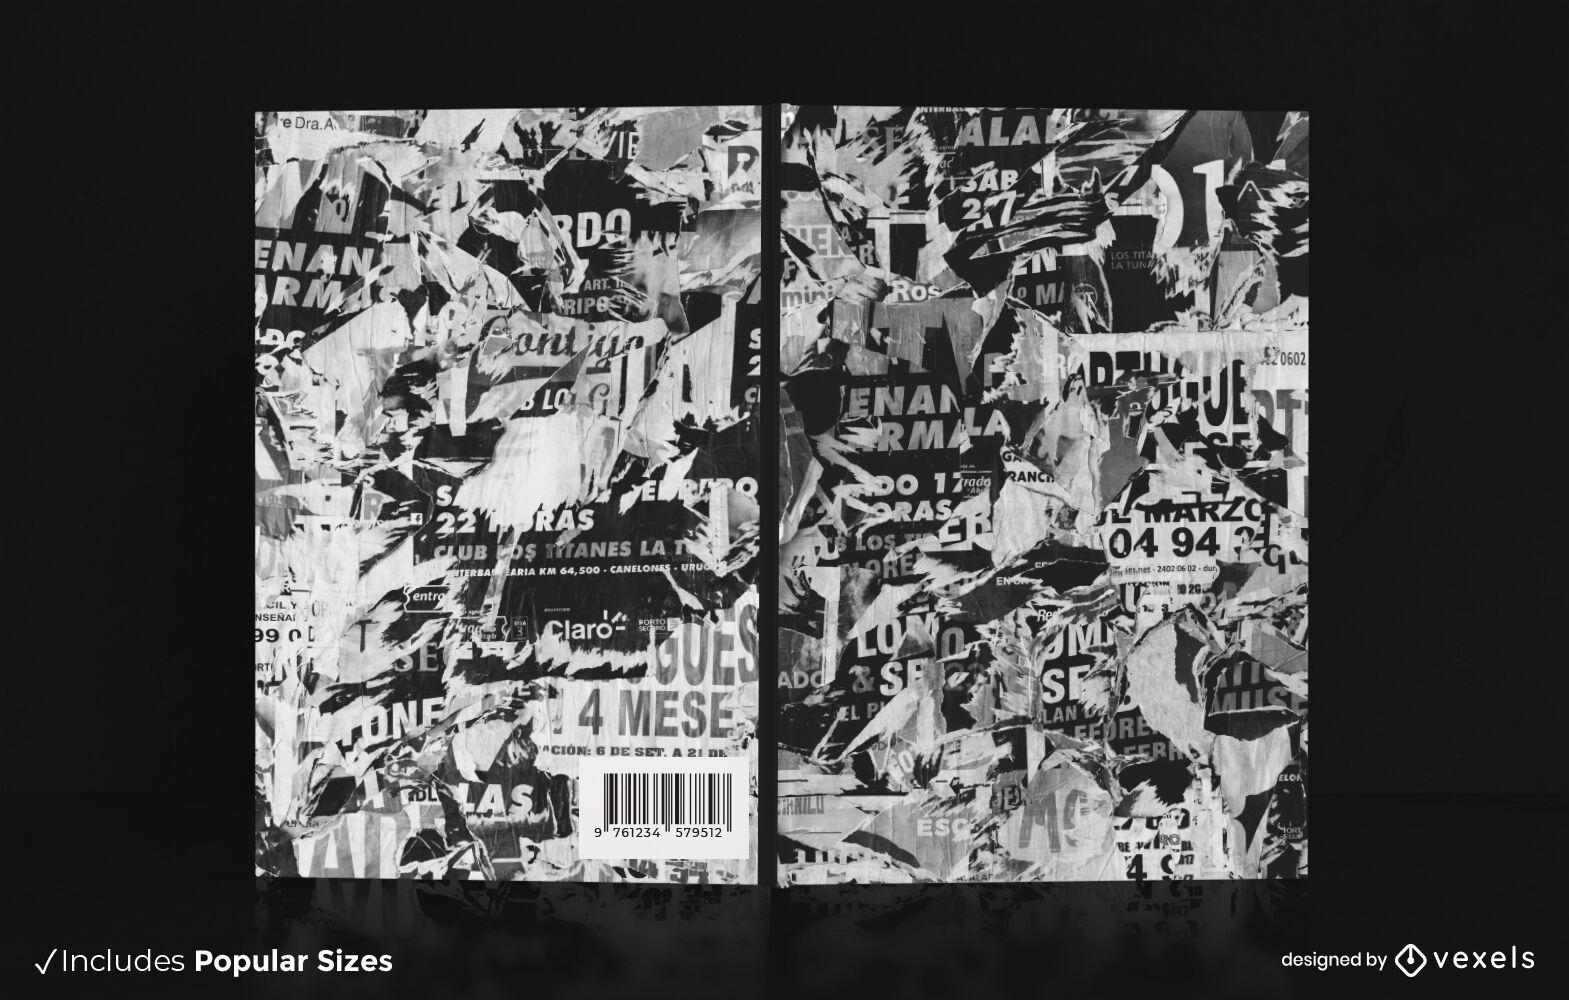 Ripped magazine book cover design